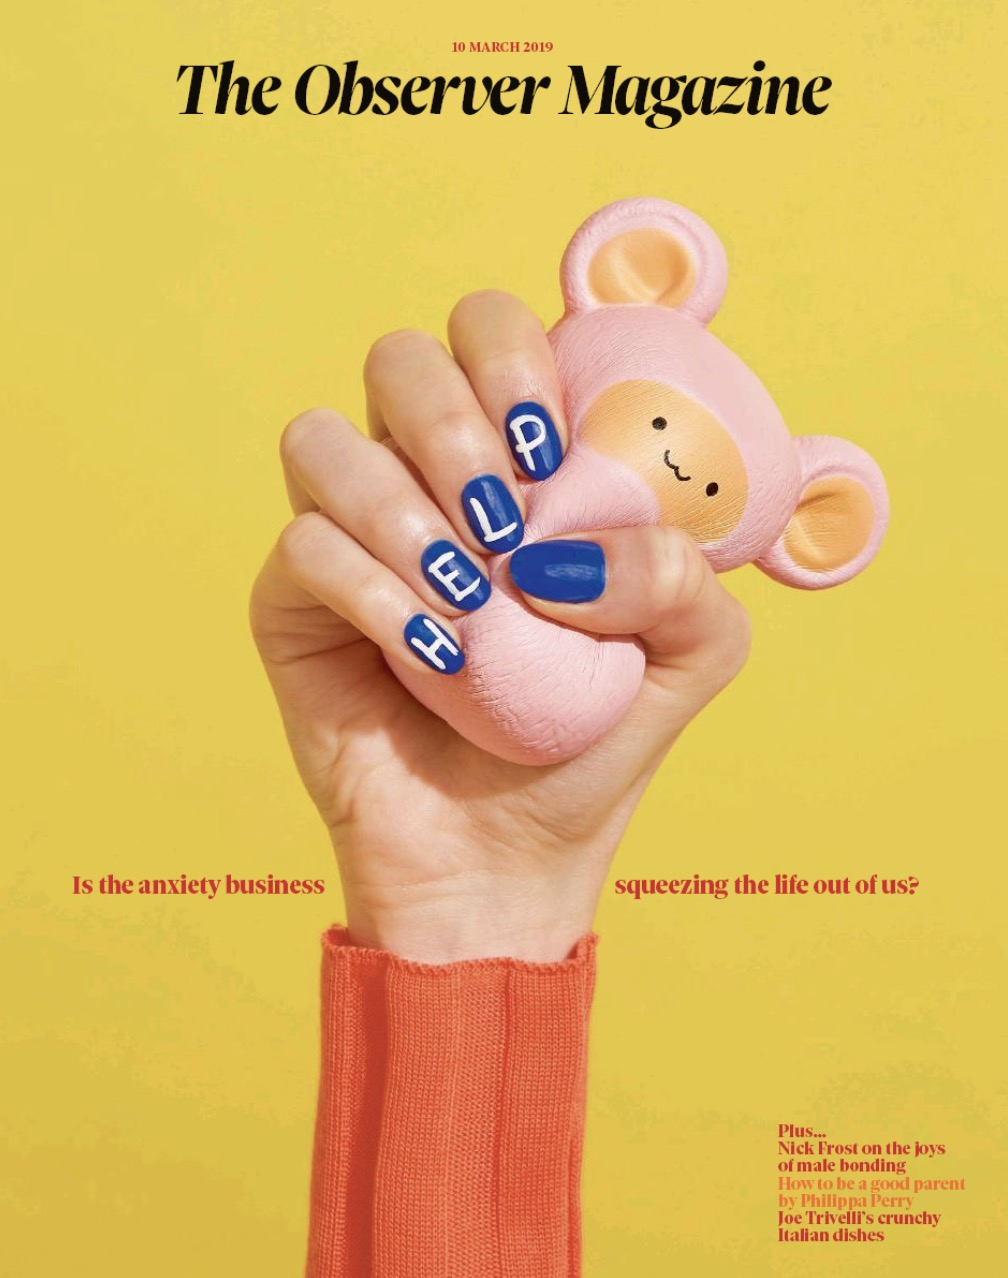 The Observer Magazine 10-03-2019 cover.jpg